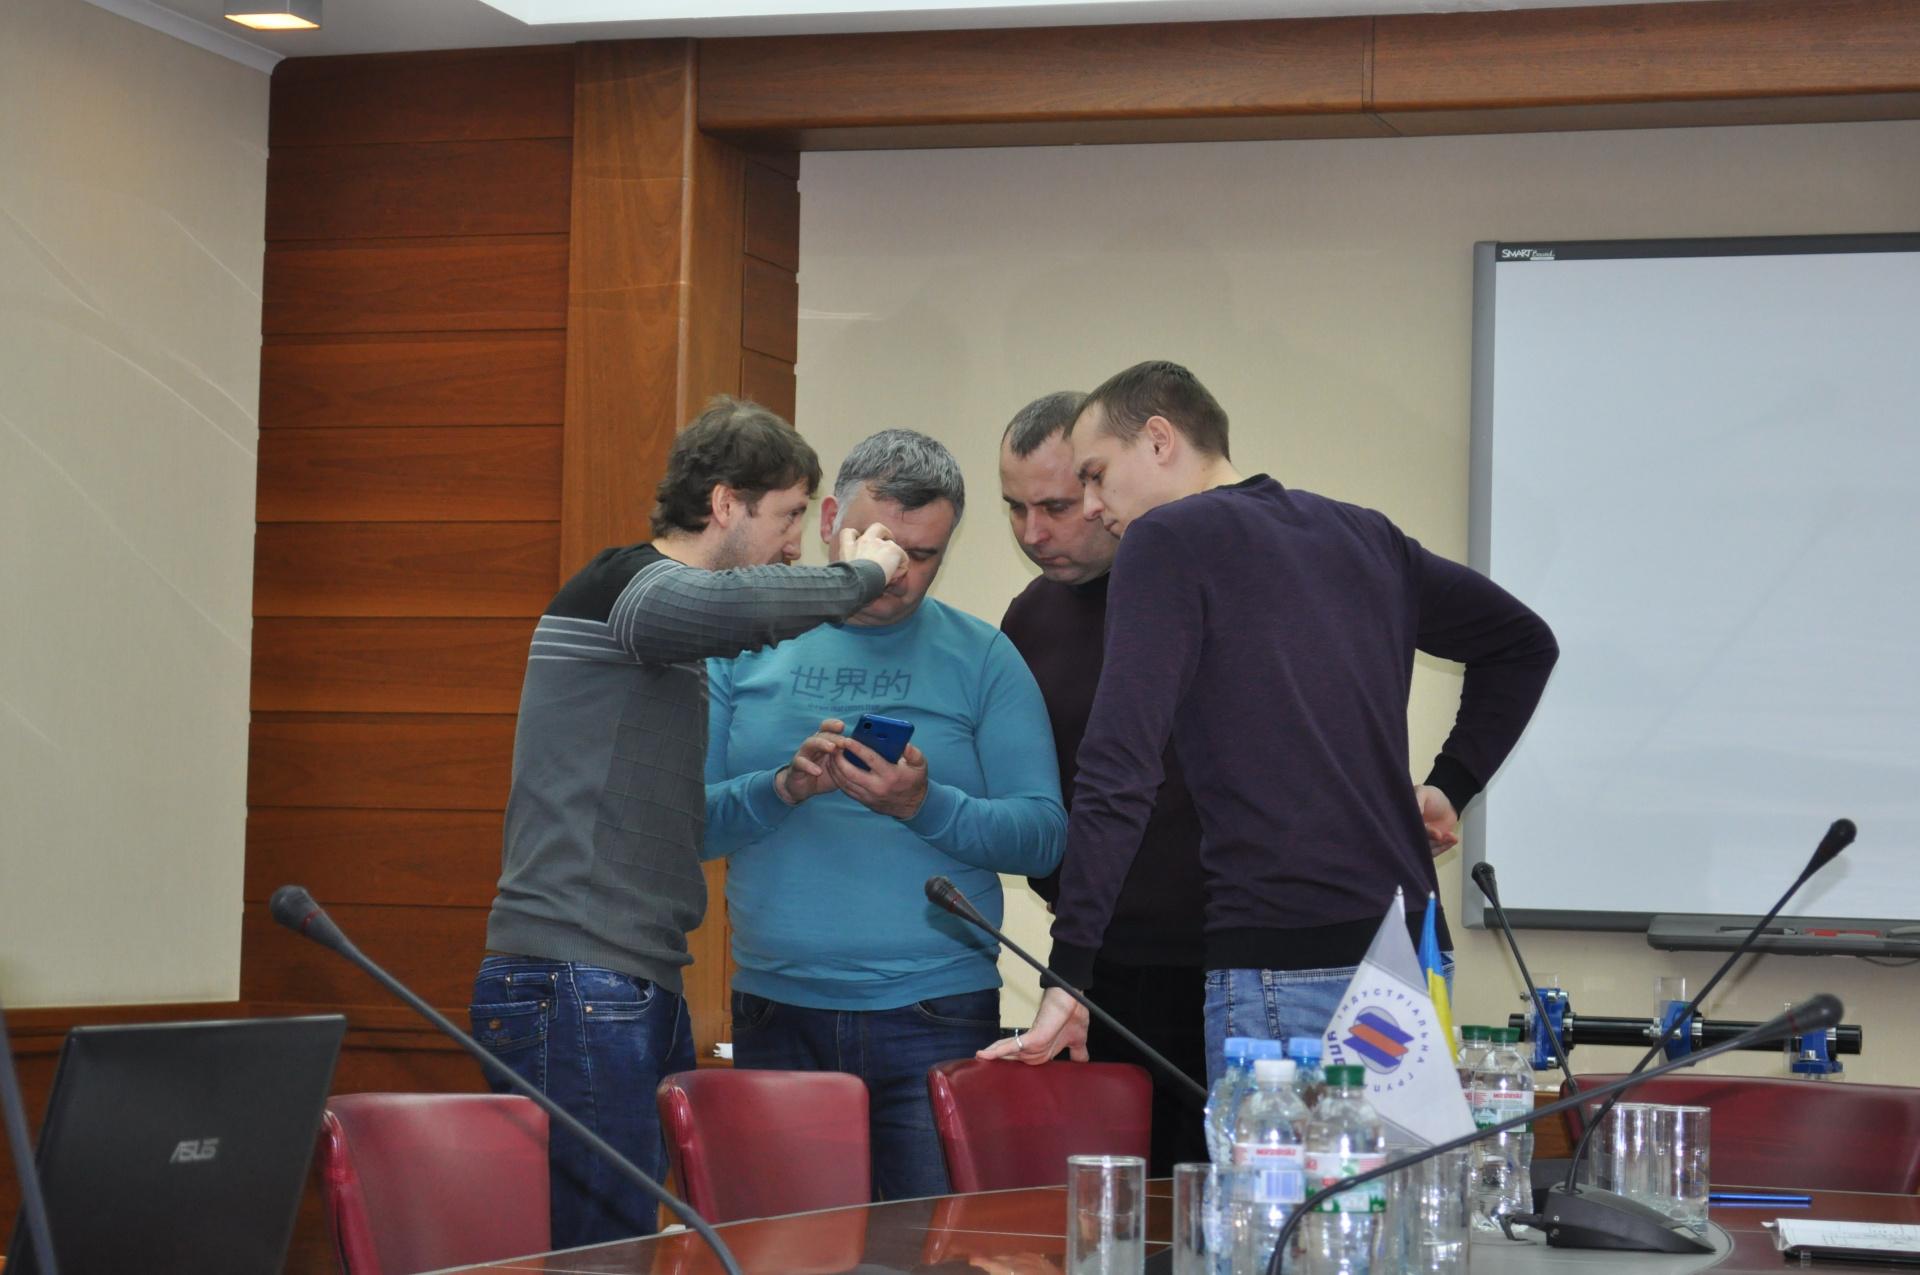 21 января Харьковский подшипниковый завод (ХАРП) посетили представители Хорольского механического завода (ХМЗ).